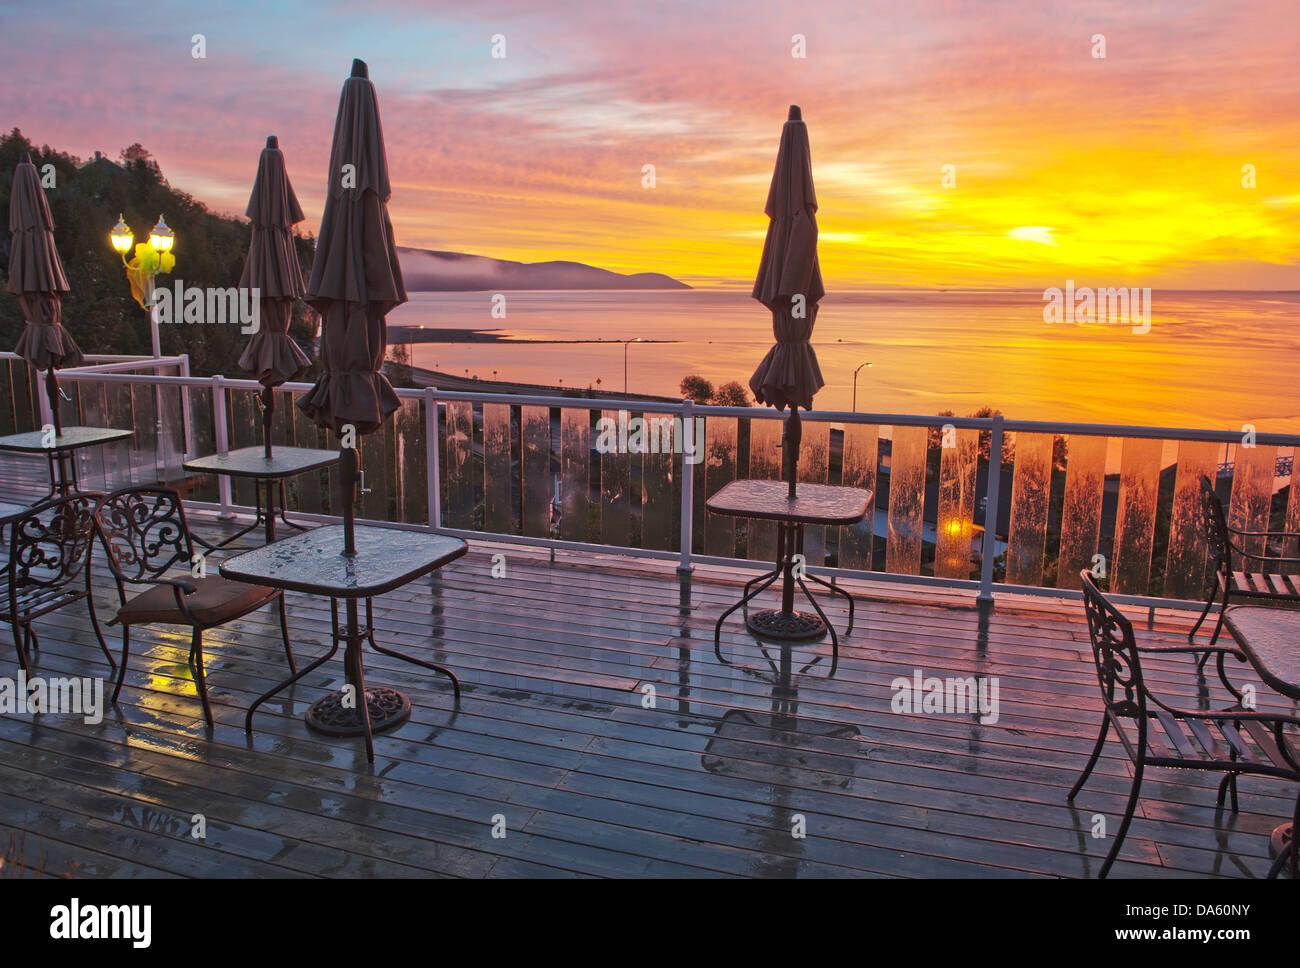 Terrazza, Gite Mer et montagne, sul fiume San Lorenzo, sul fiume Malbaie, Quebec, Canada, tramonto, tavoli, sedie Immagini Stock